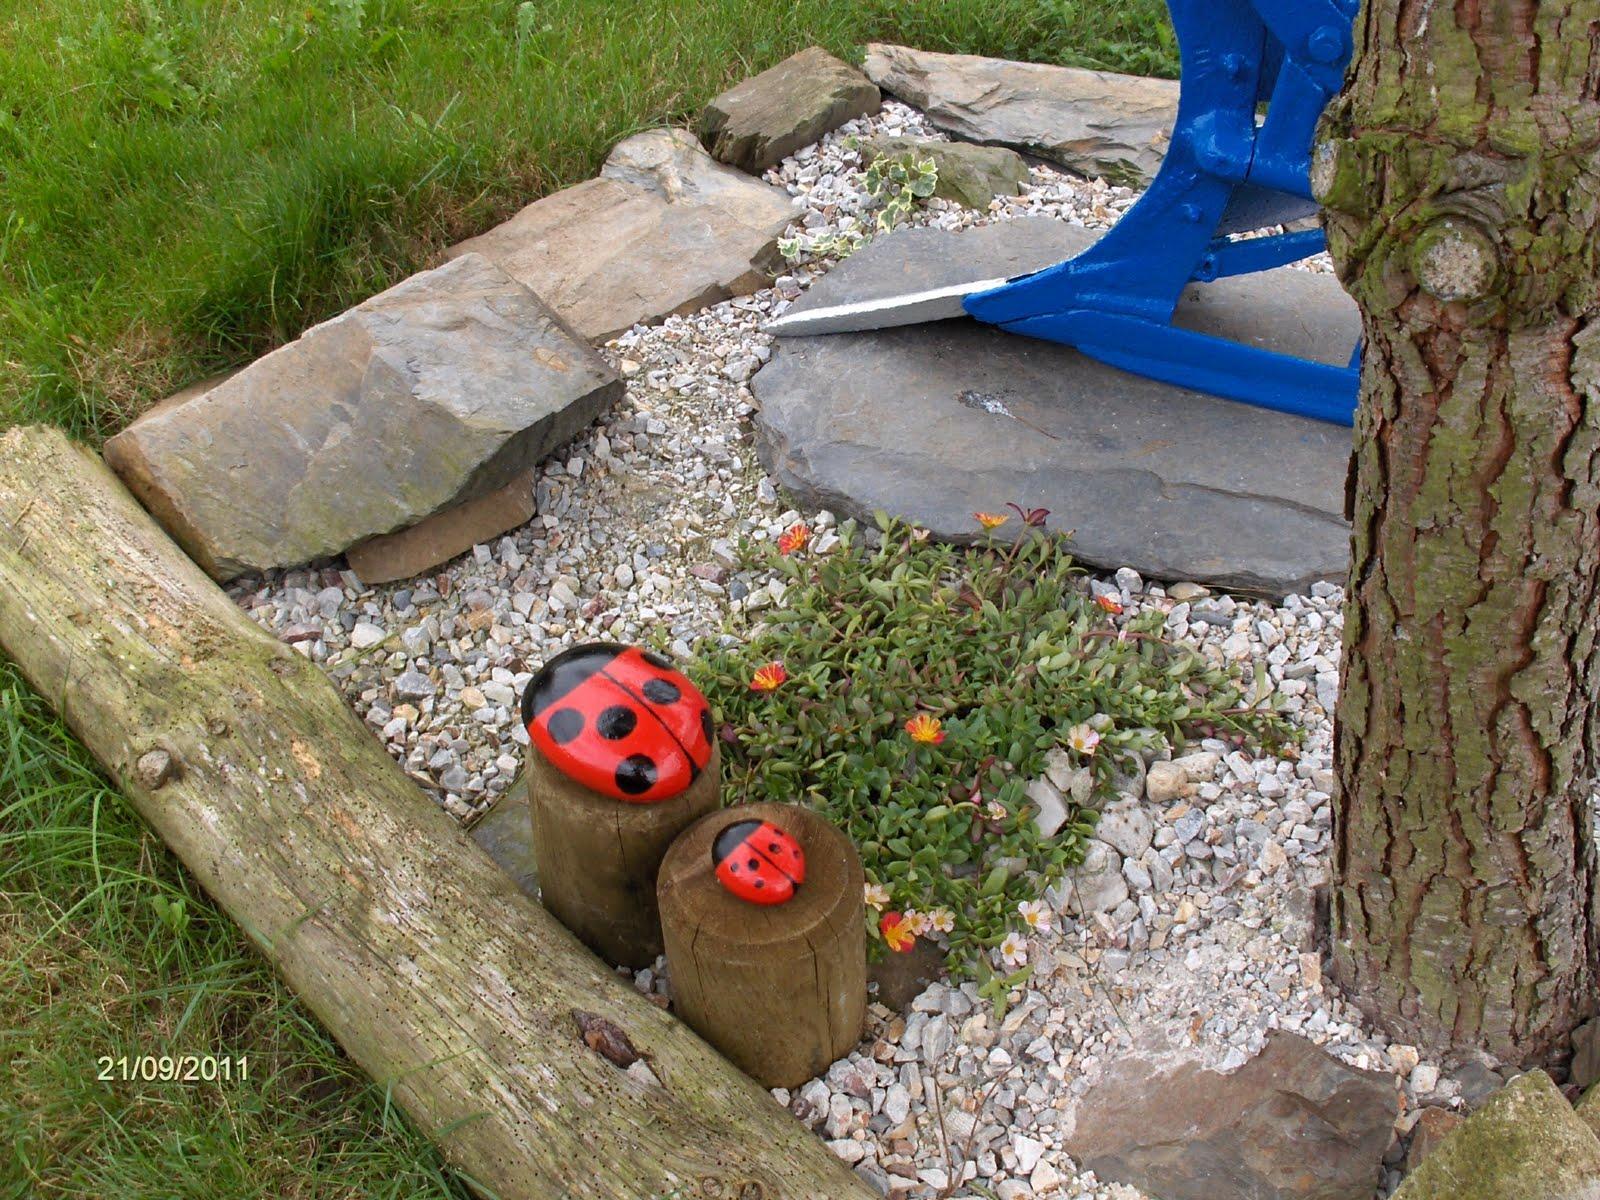 Aprendiz pintar piedras para decorar jard n unas mariquitas - Rocas para jardin ...